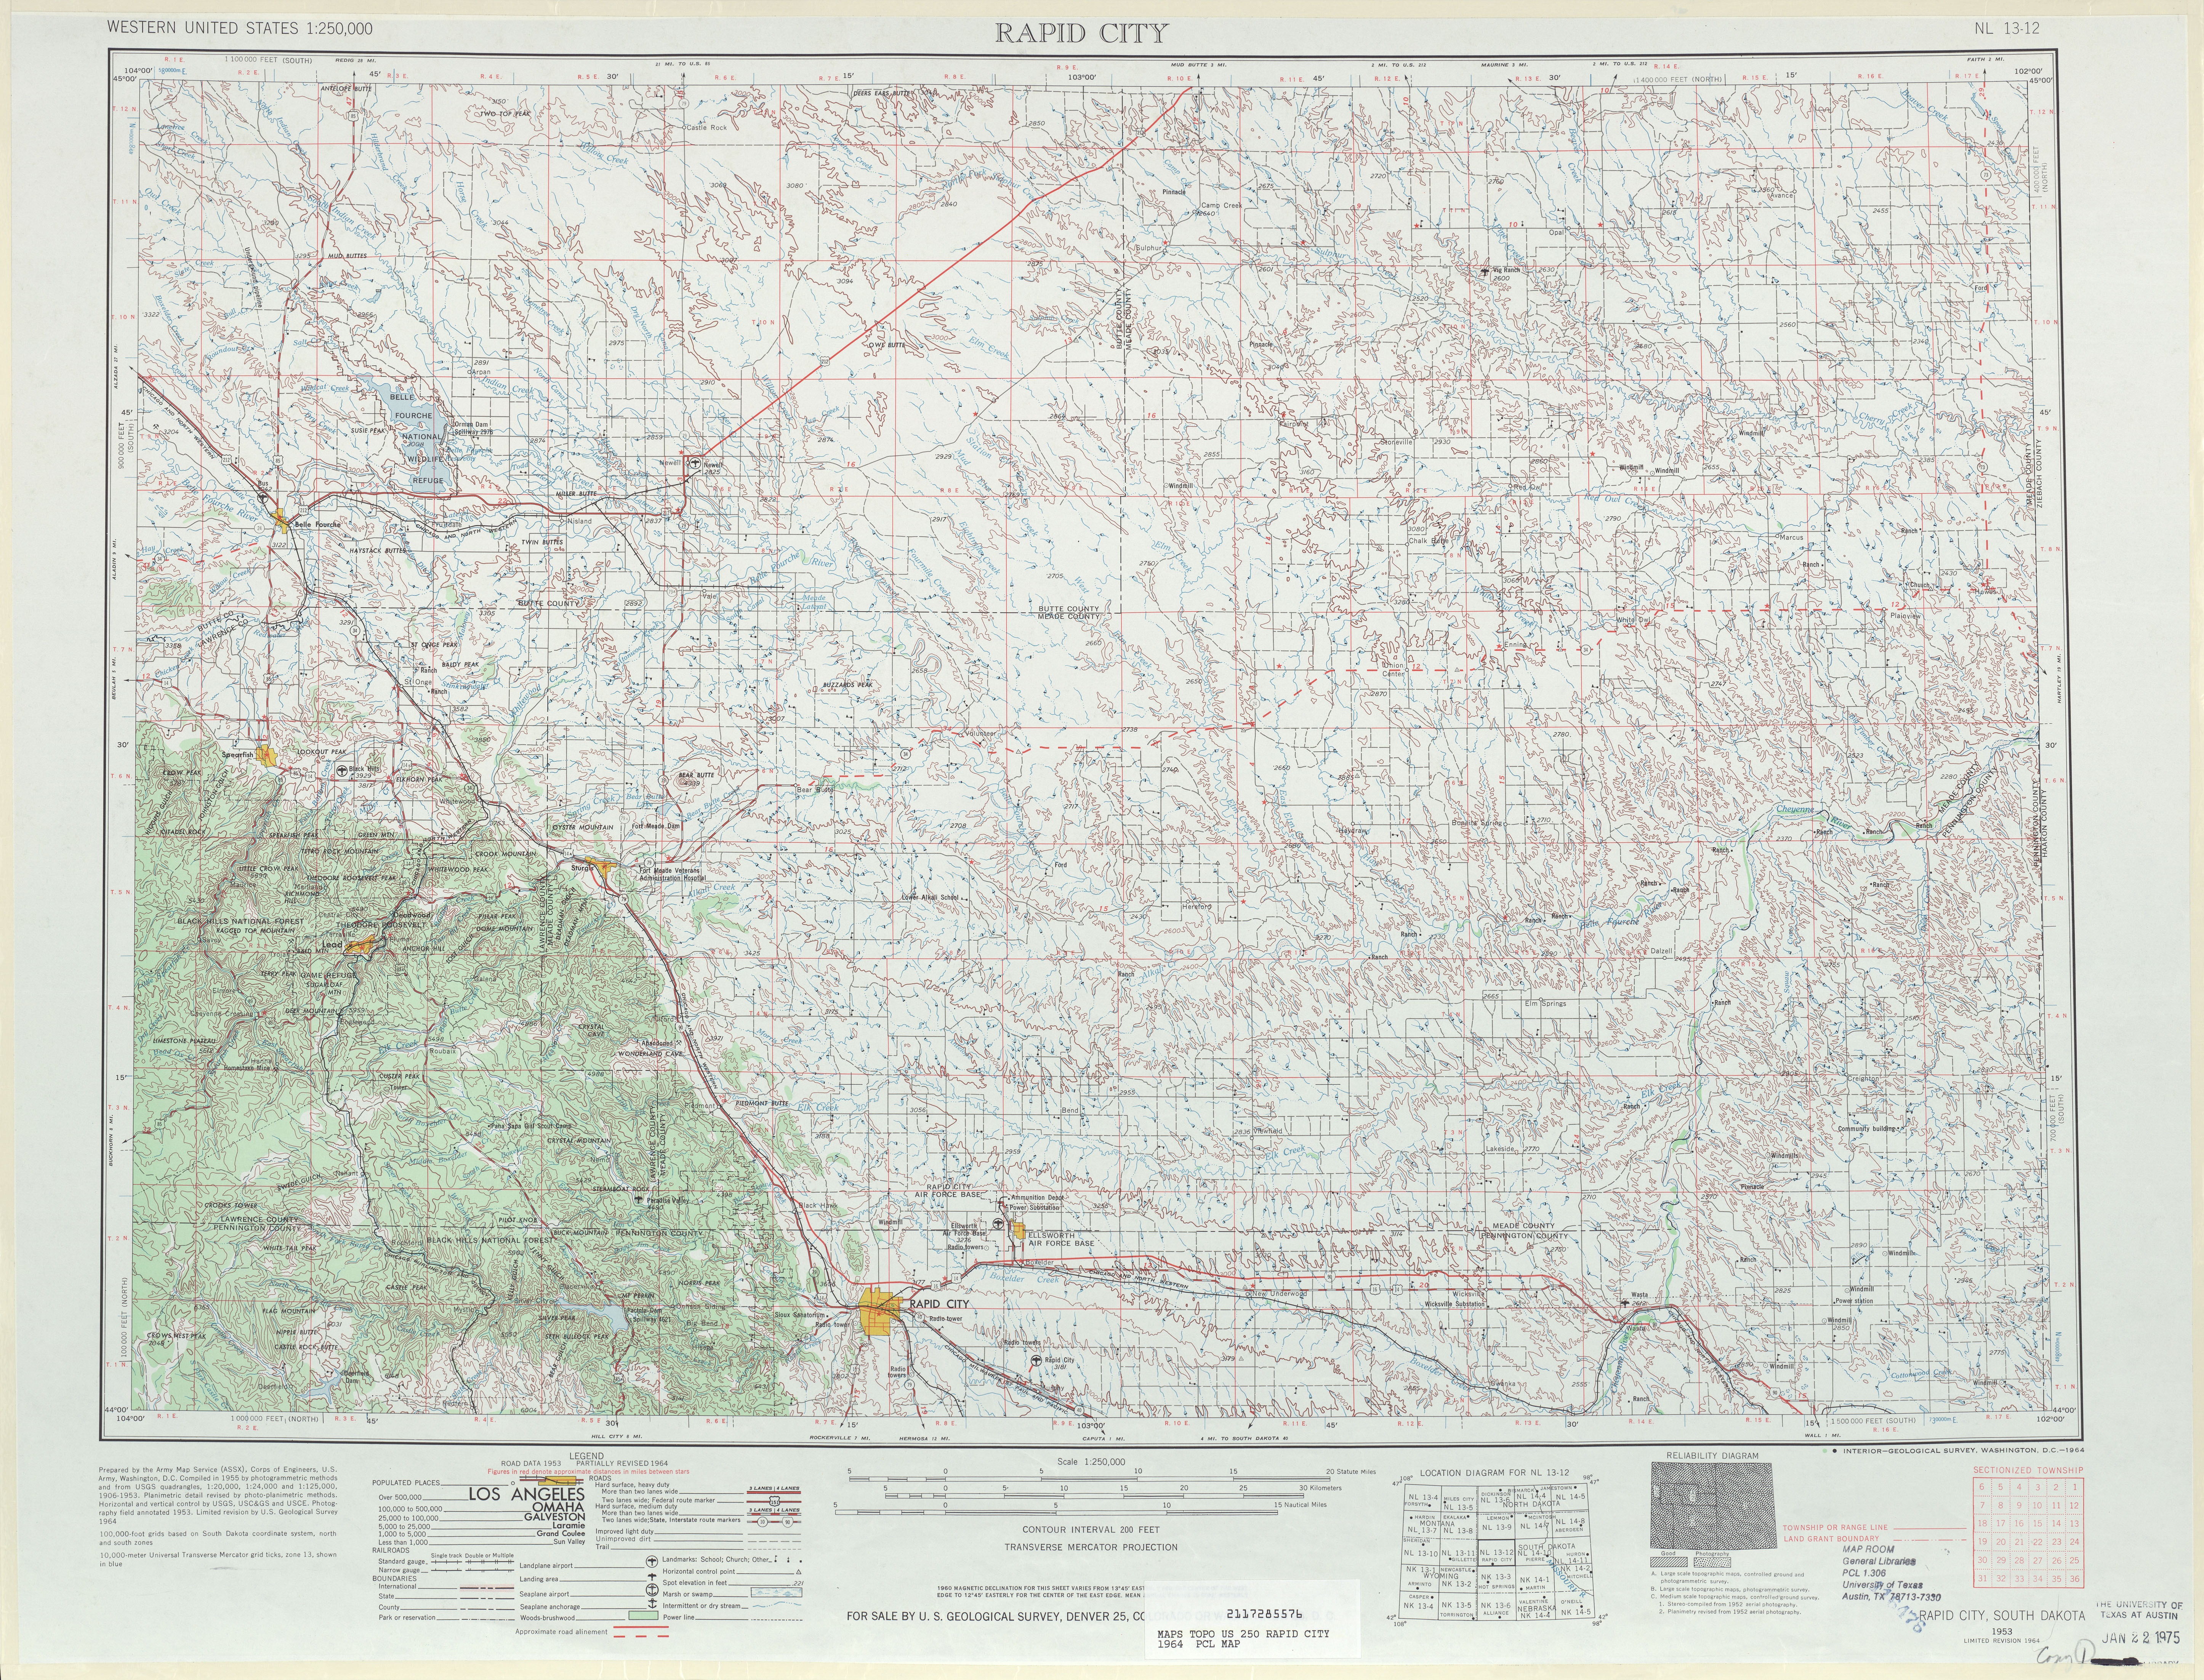 Hoja Rapid City del Mapa Topográfico de los Estados Unidos 1964